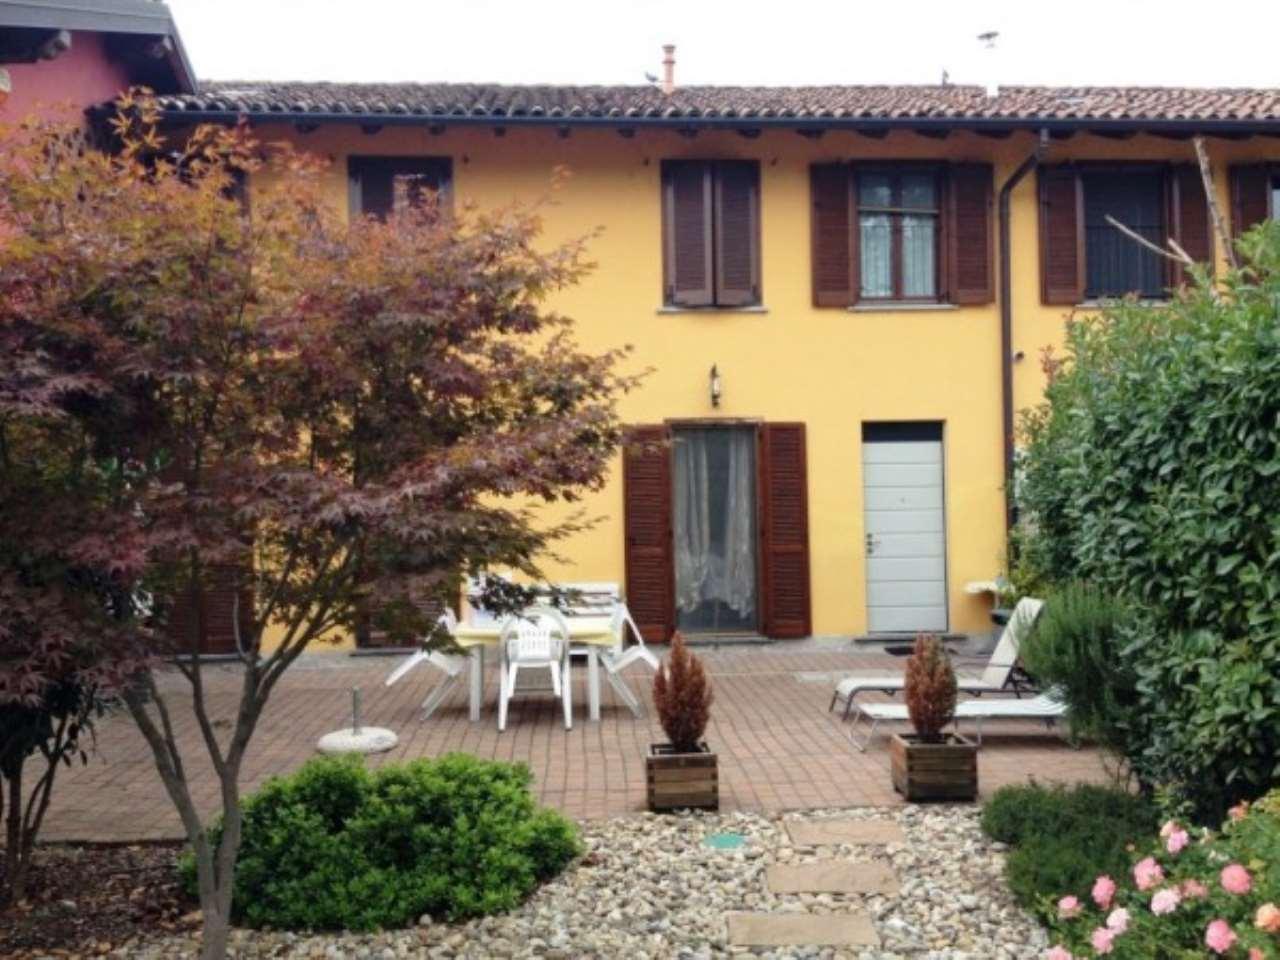 Appartamento in vendita a Valle Salimbene, 1 locali, prezzo € 109.000 | CambioCasa.it